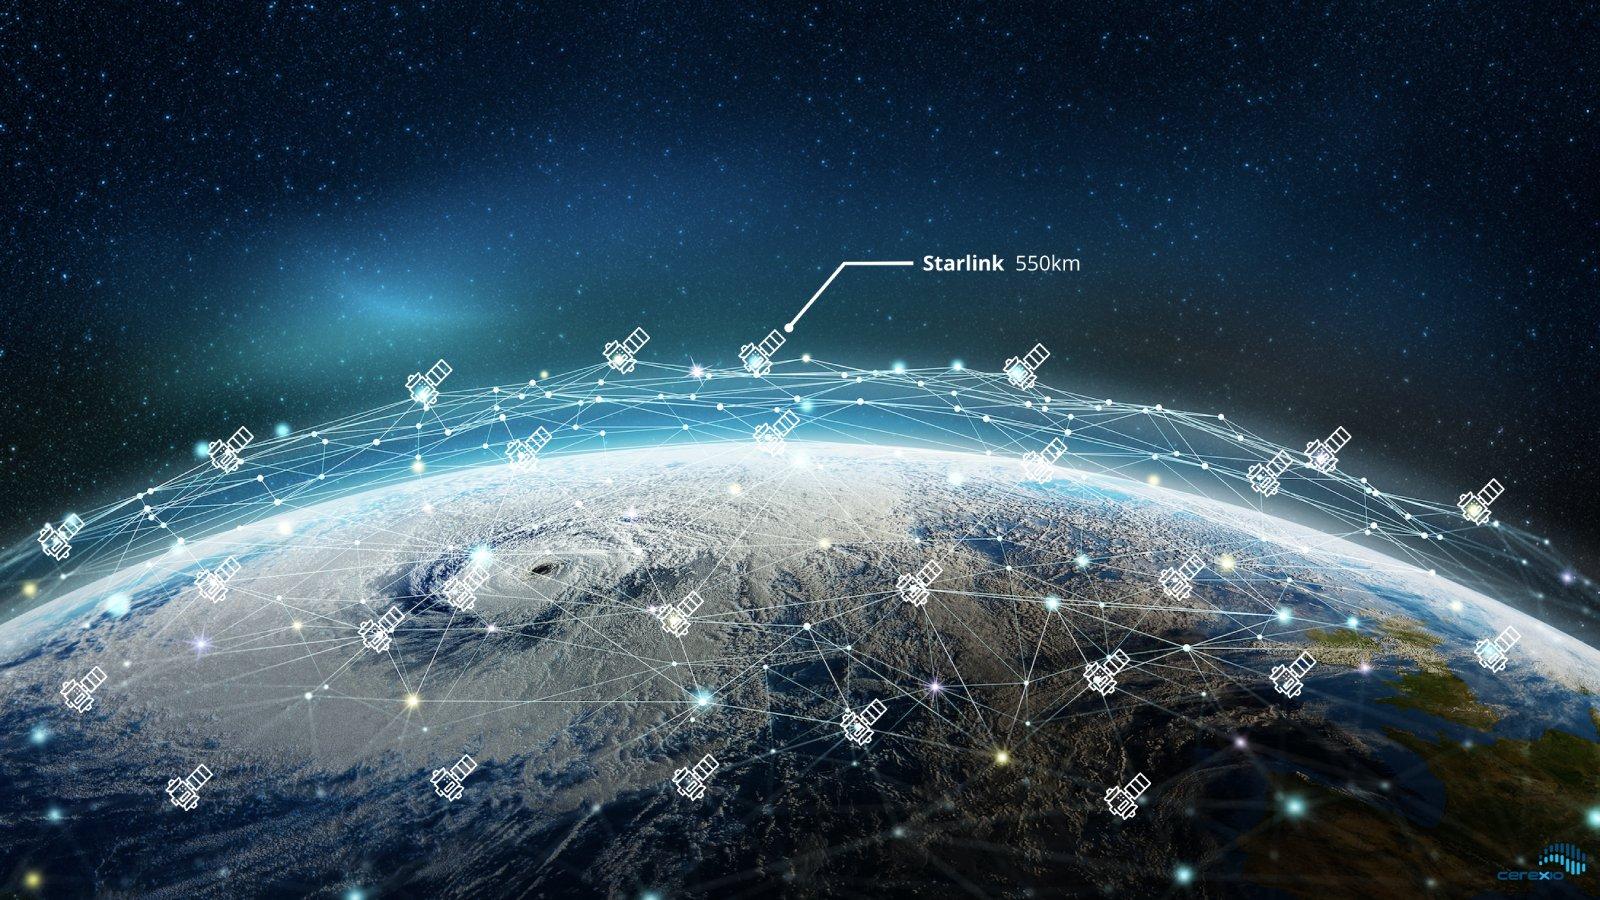 SpaceX starlink high speed internet